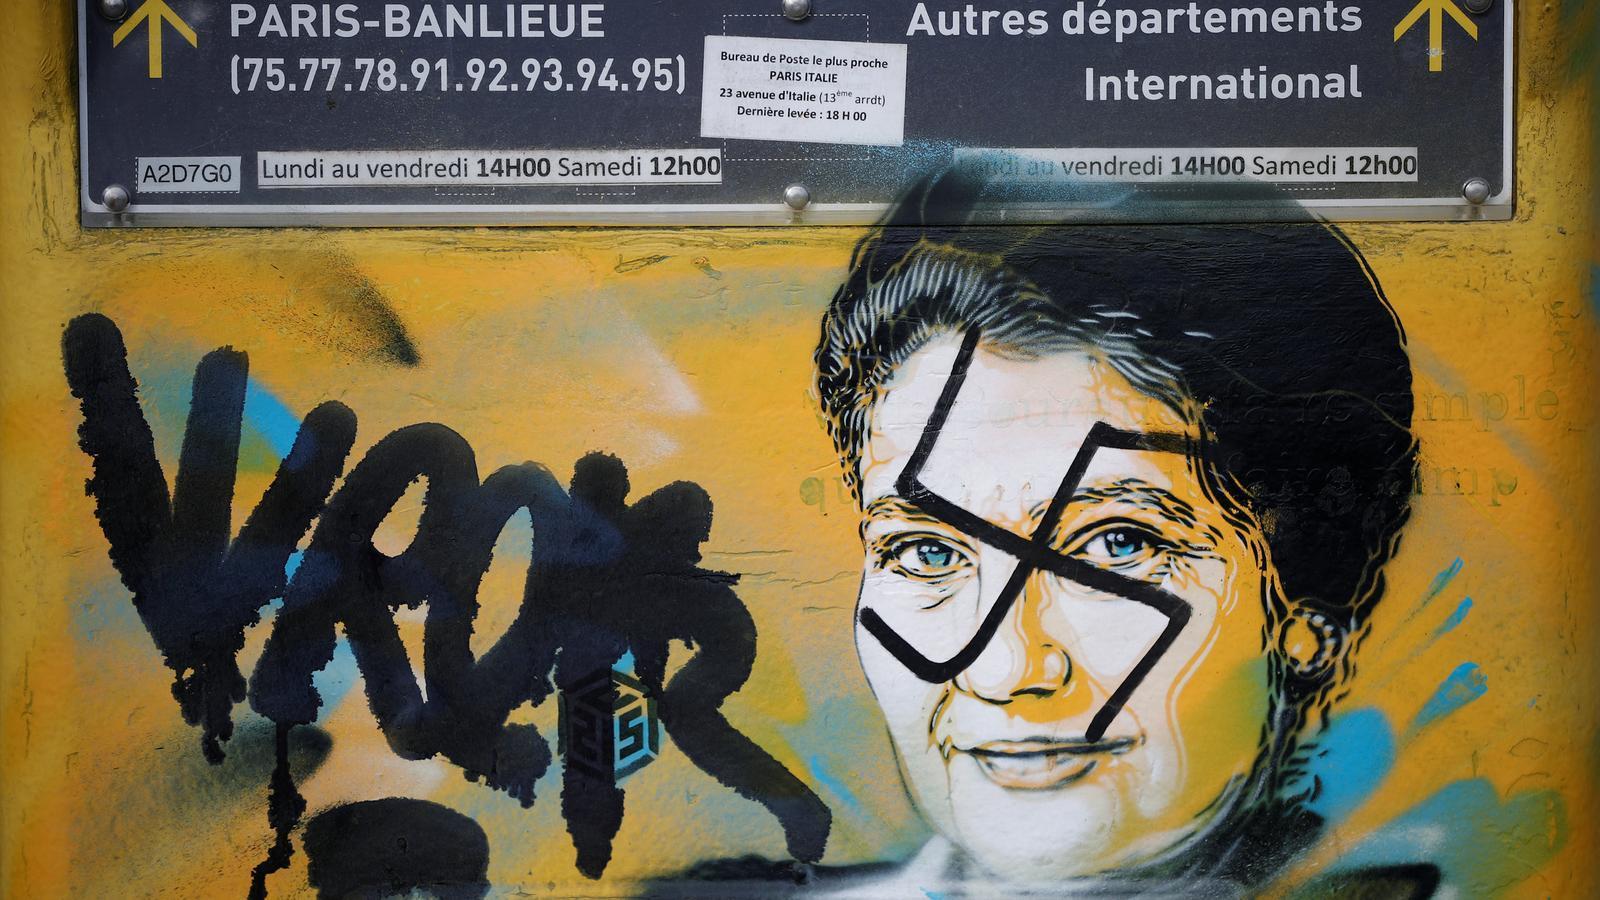 Els actes antisemites han crescut un 74% a França